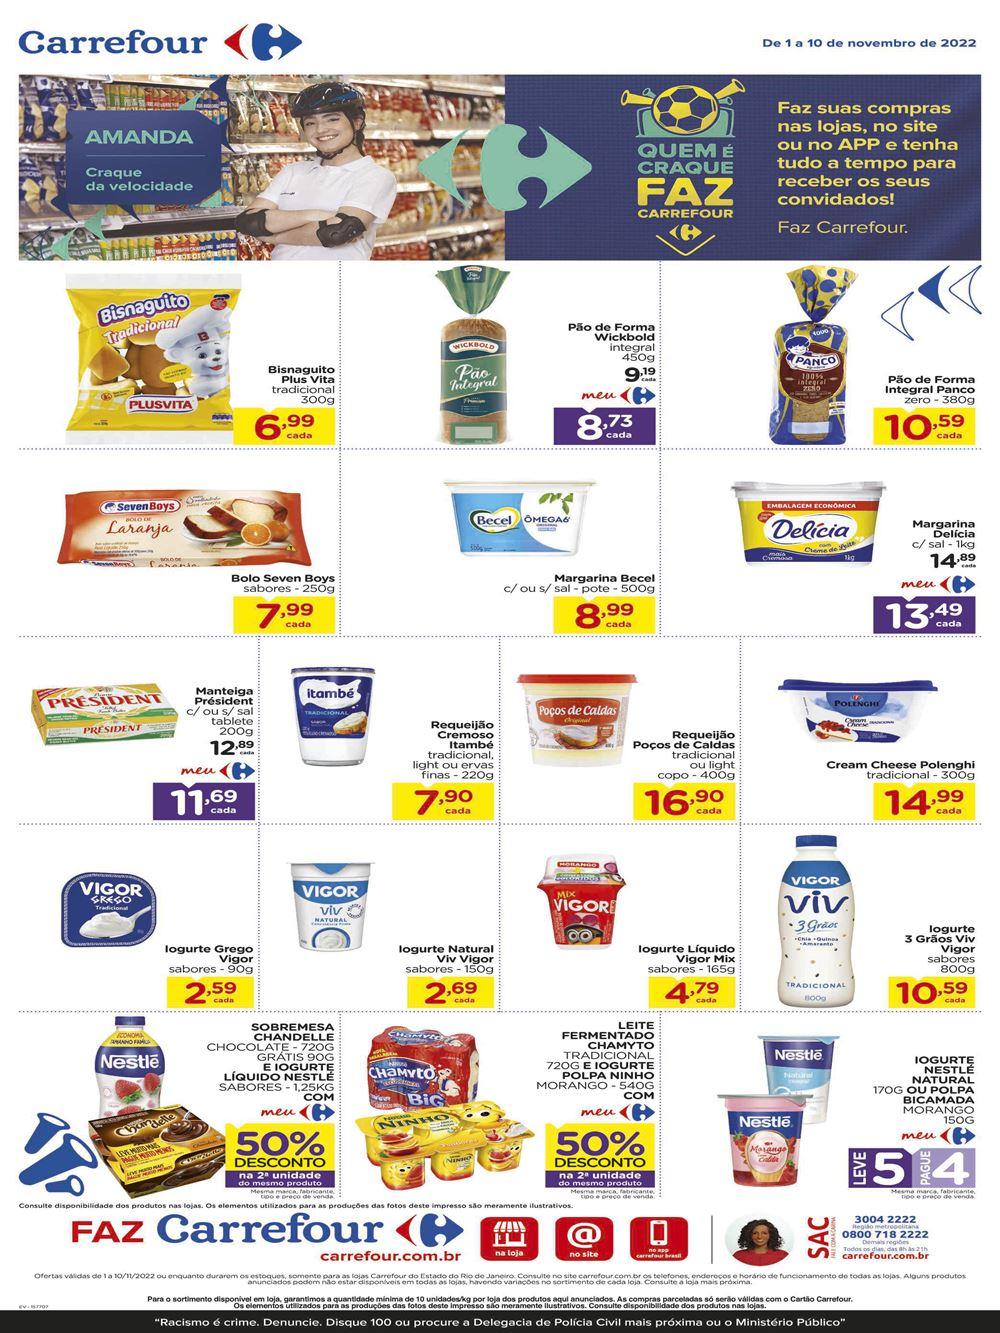 carrefour-ofertas-descontos-hoje6-25 Black Friday Ofertas do Carrefour